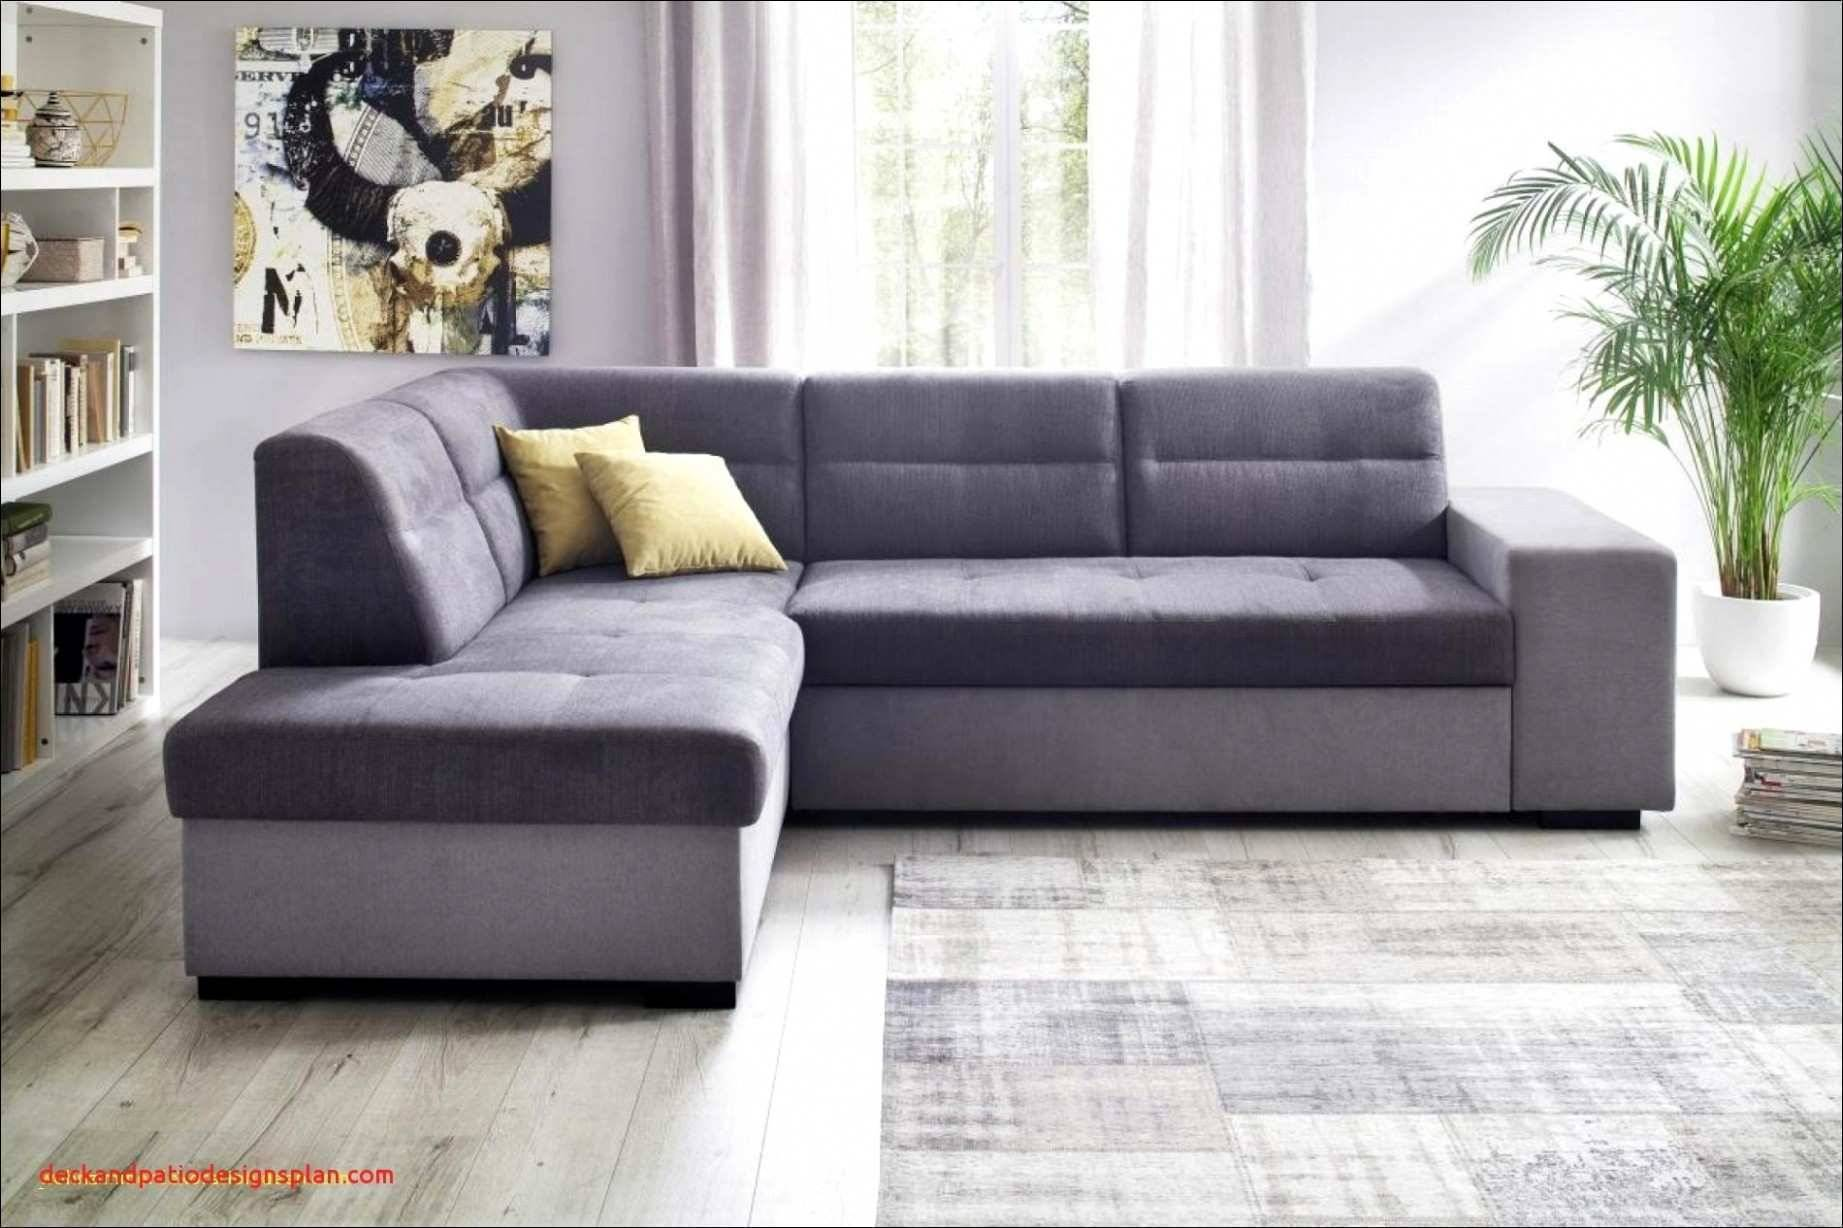 wohnzimmer tisch deko luxury wohnzimmer deko selber machen ideen was solltest du tun of wohnzimmer tisch deko